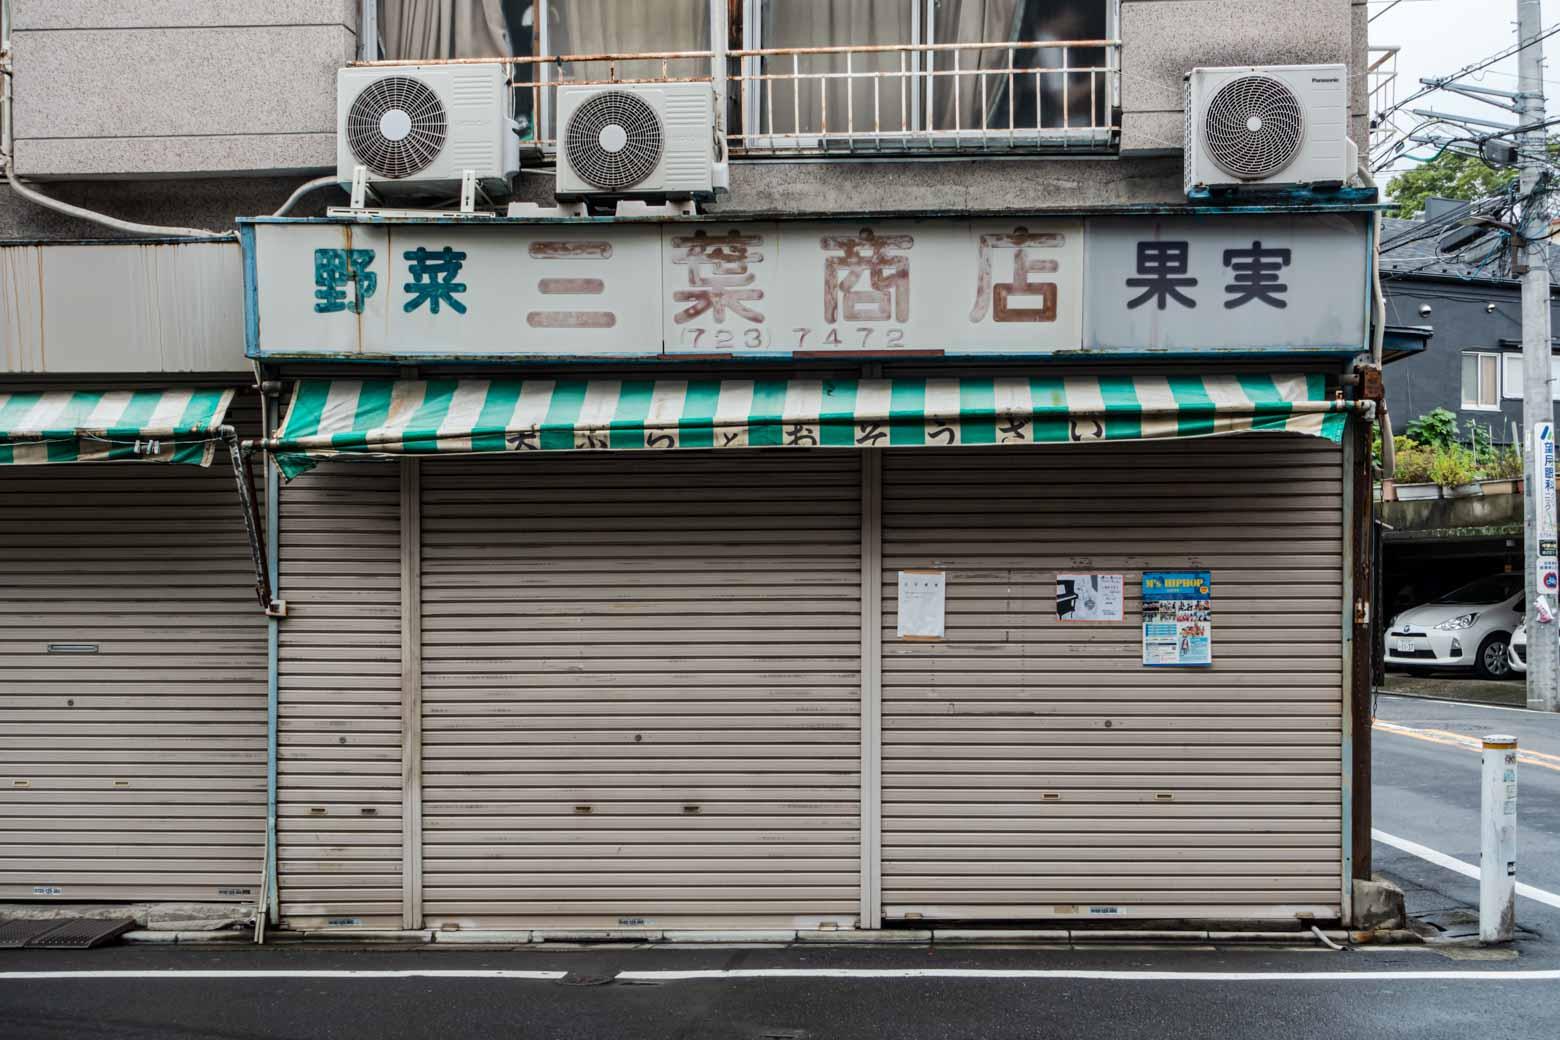 その近くにも青果店。どうでも良いようなことですが、〈果物〉を〈果実〉と表記しているお店はちょっとめずらしい気がします。